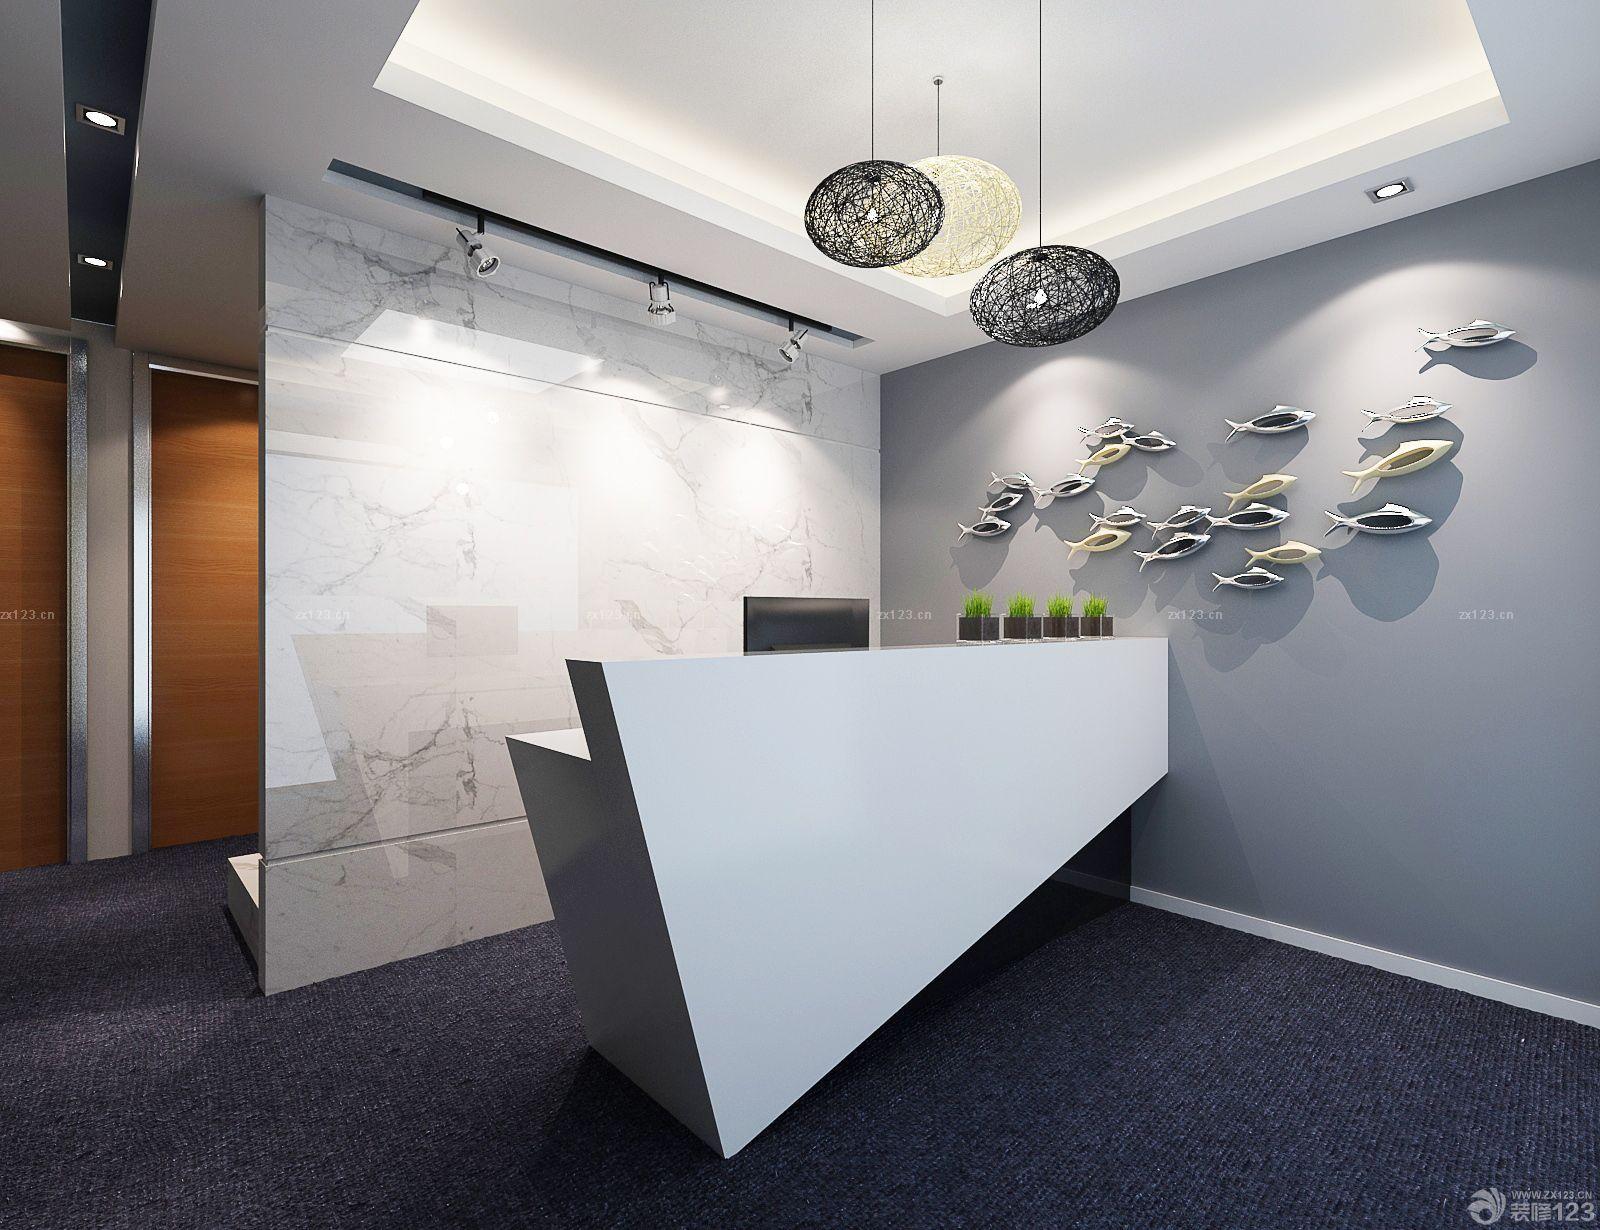 前台设计效果图 办公室前台设计装修效果图片 大理石背景墙